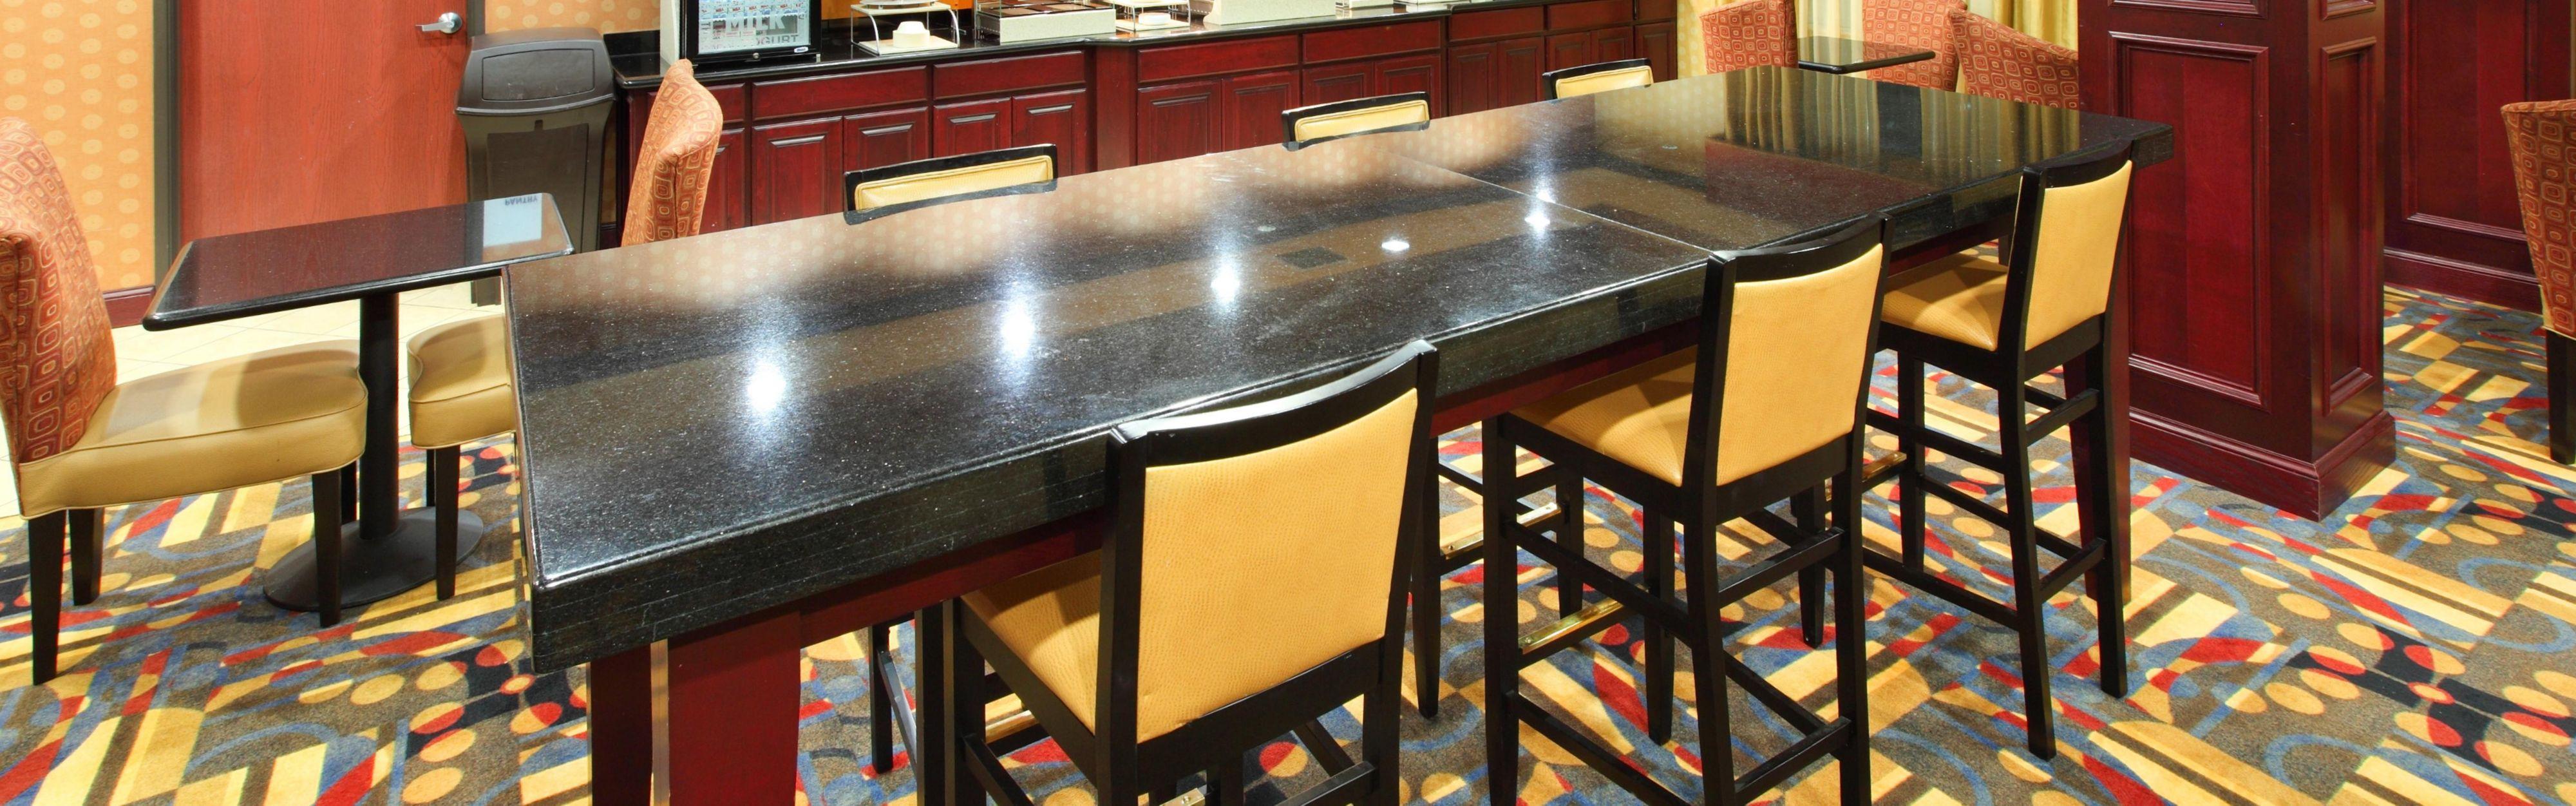 Holiday Inn Express & Suites Van Buren-Ft Smith Area image 3